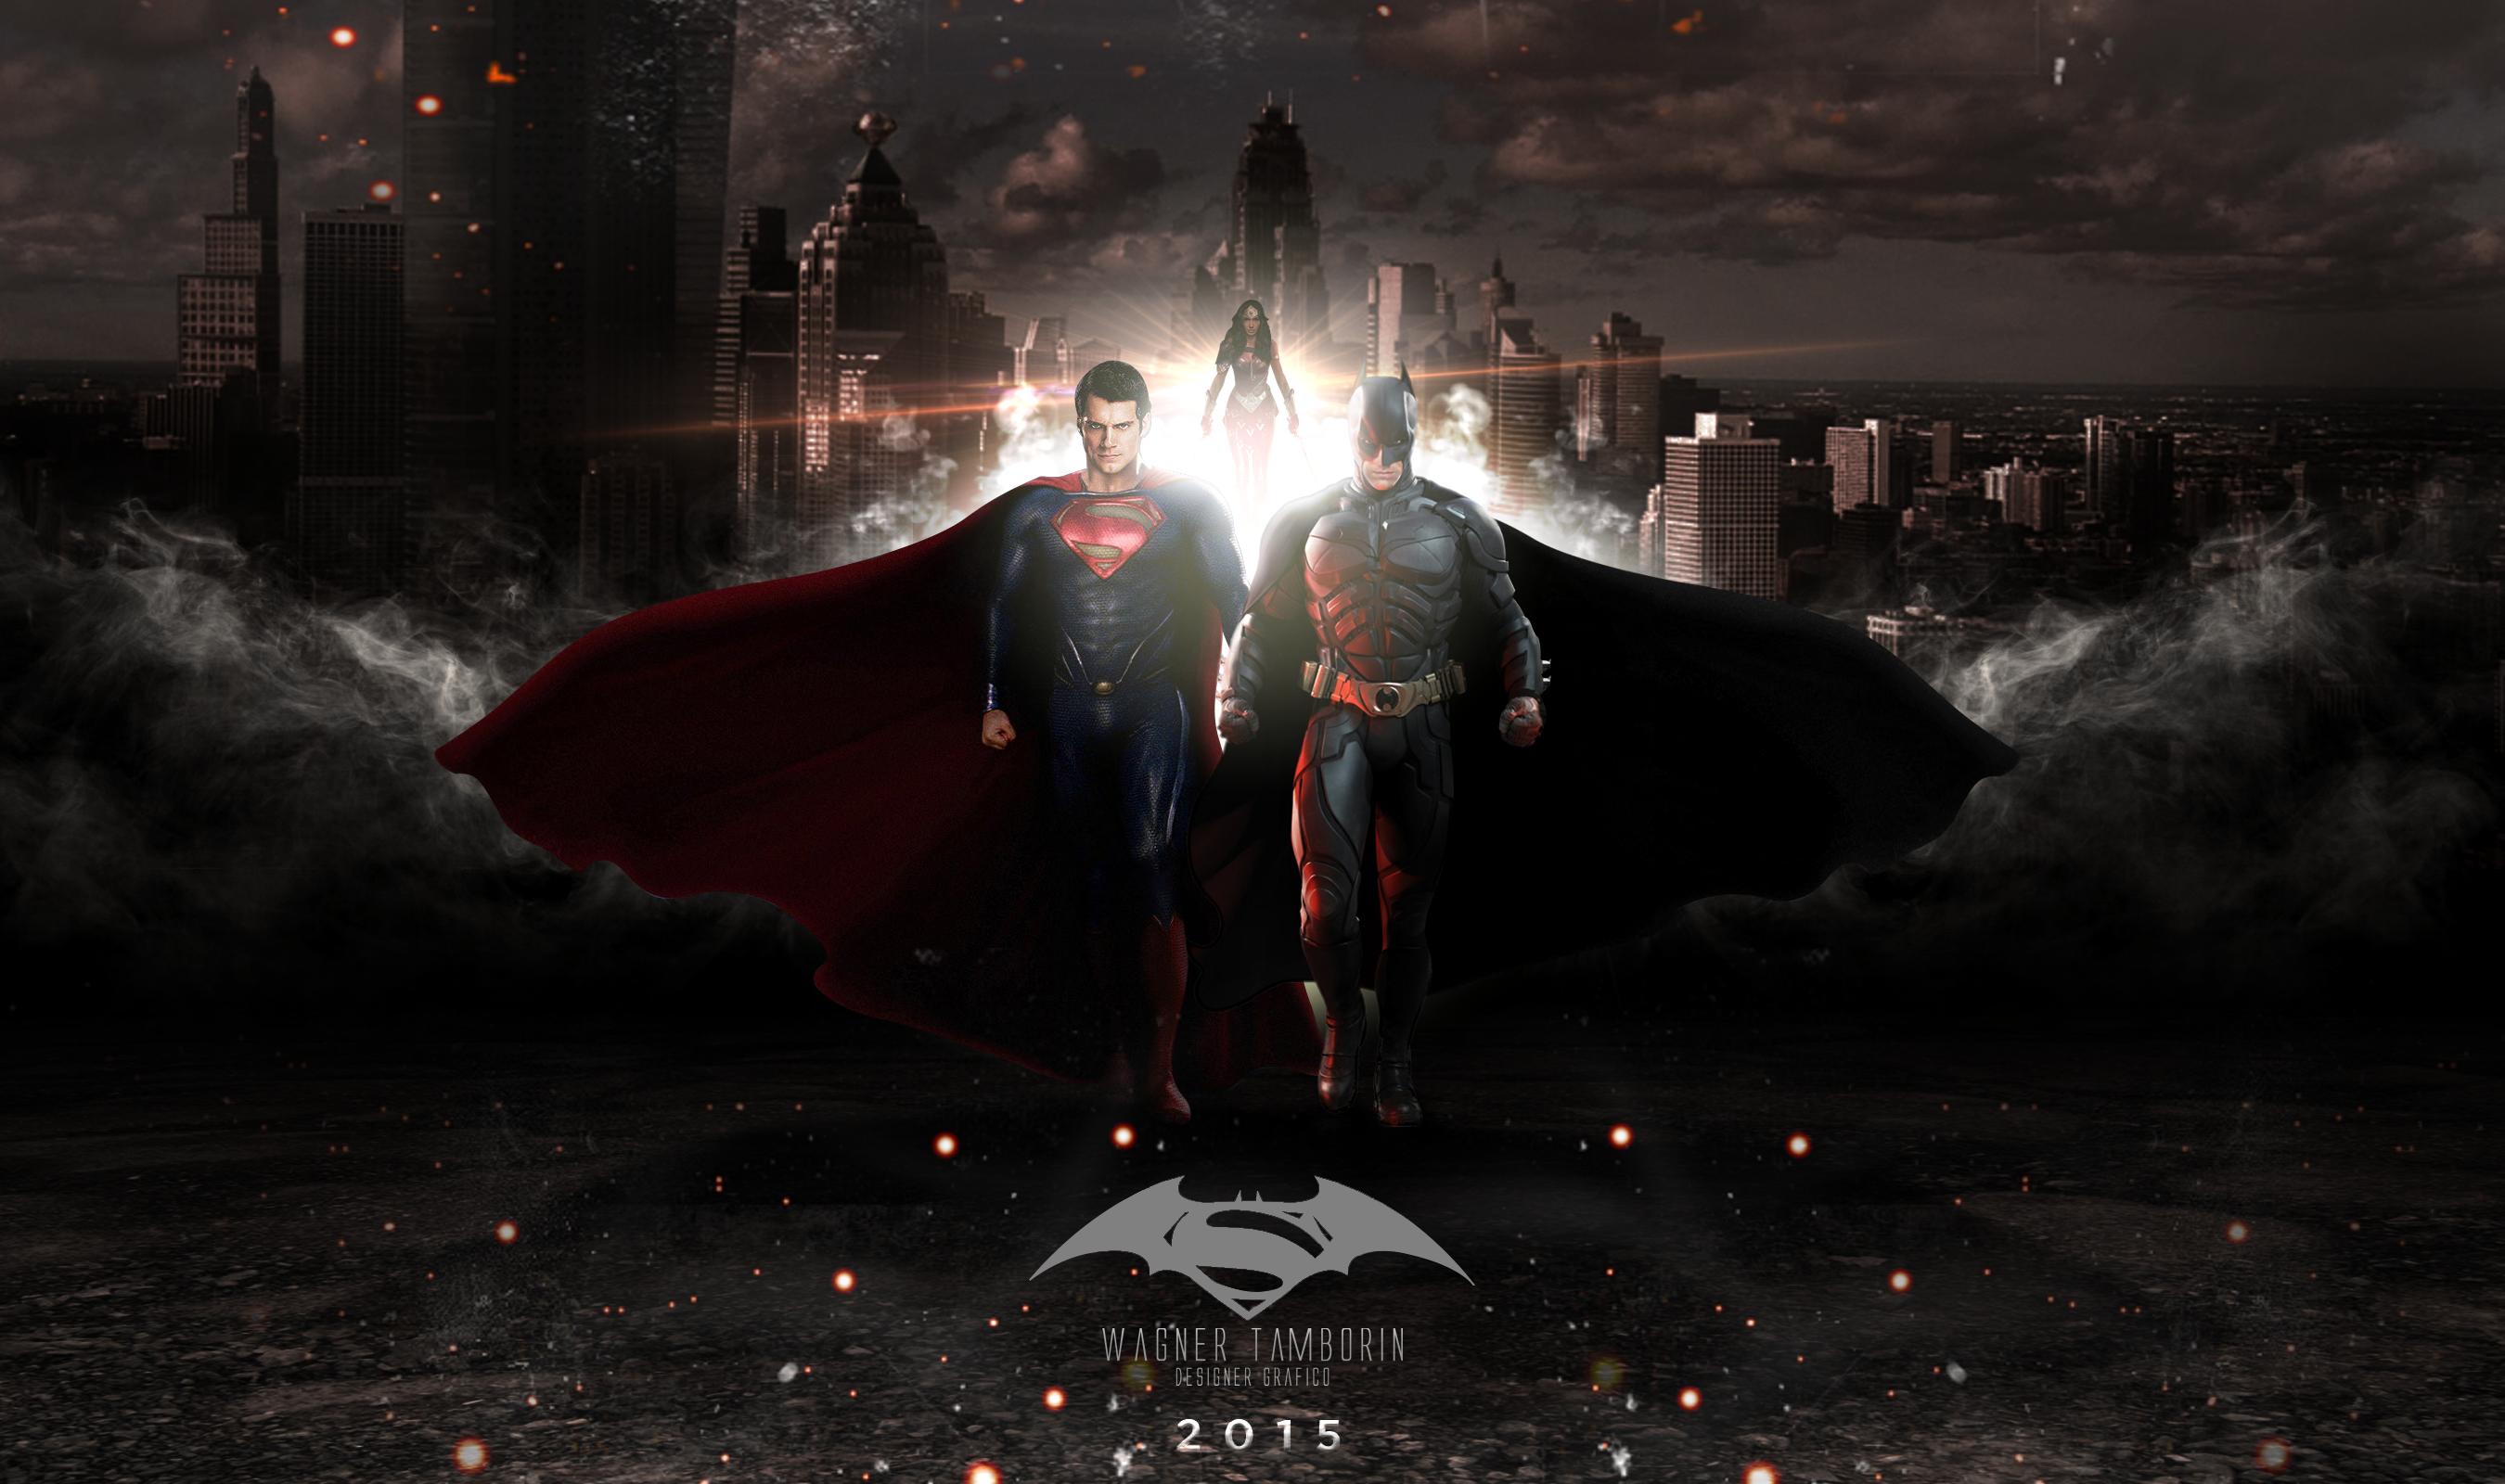 batman_vs_superman_wallpaper_